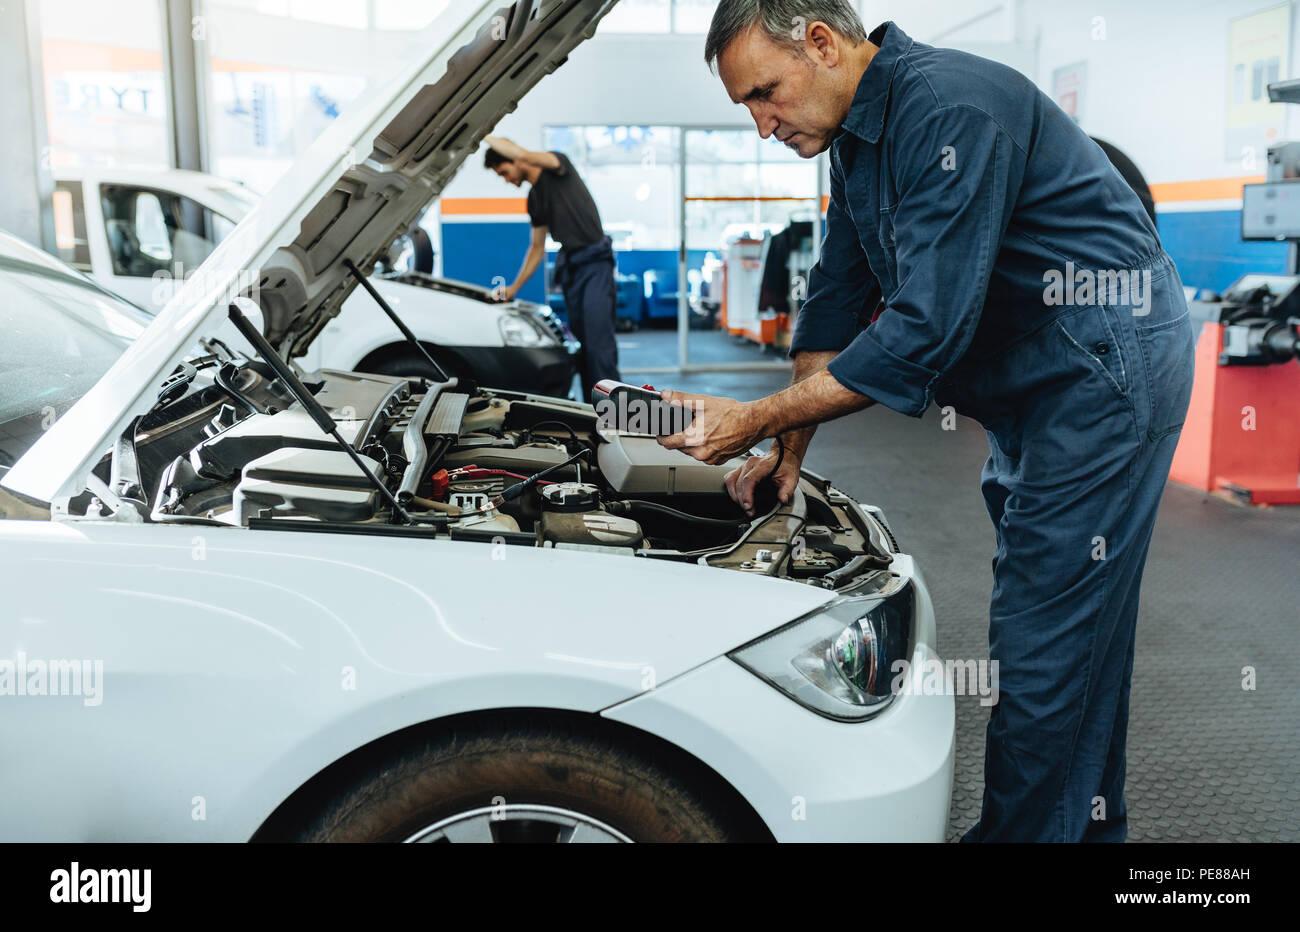 Automechaniker mit Diagnose Gerät für das Lesen der Fehlercodes. Mechanische Prüfung des Auto Service Station. Stockbild